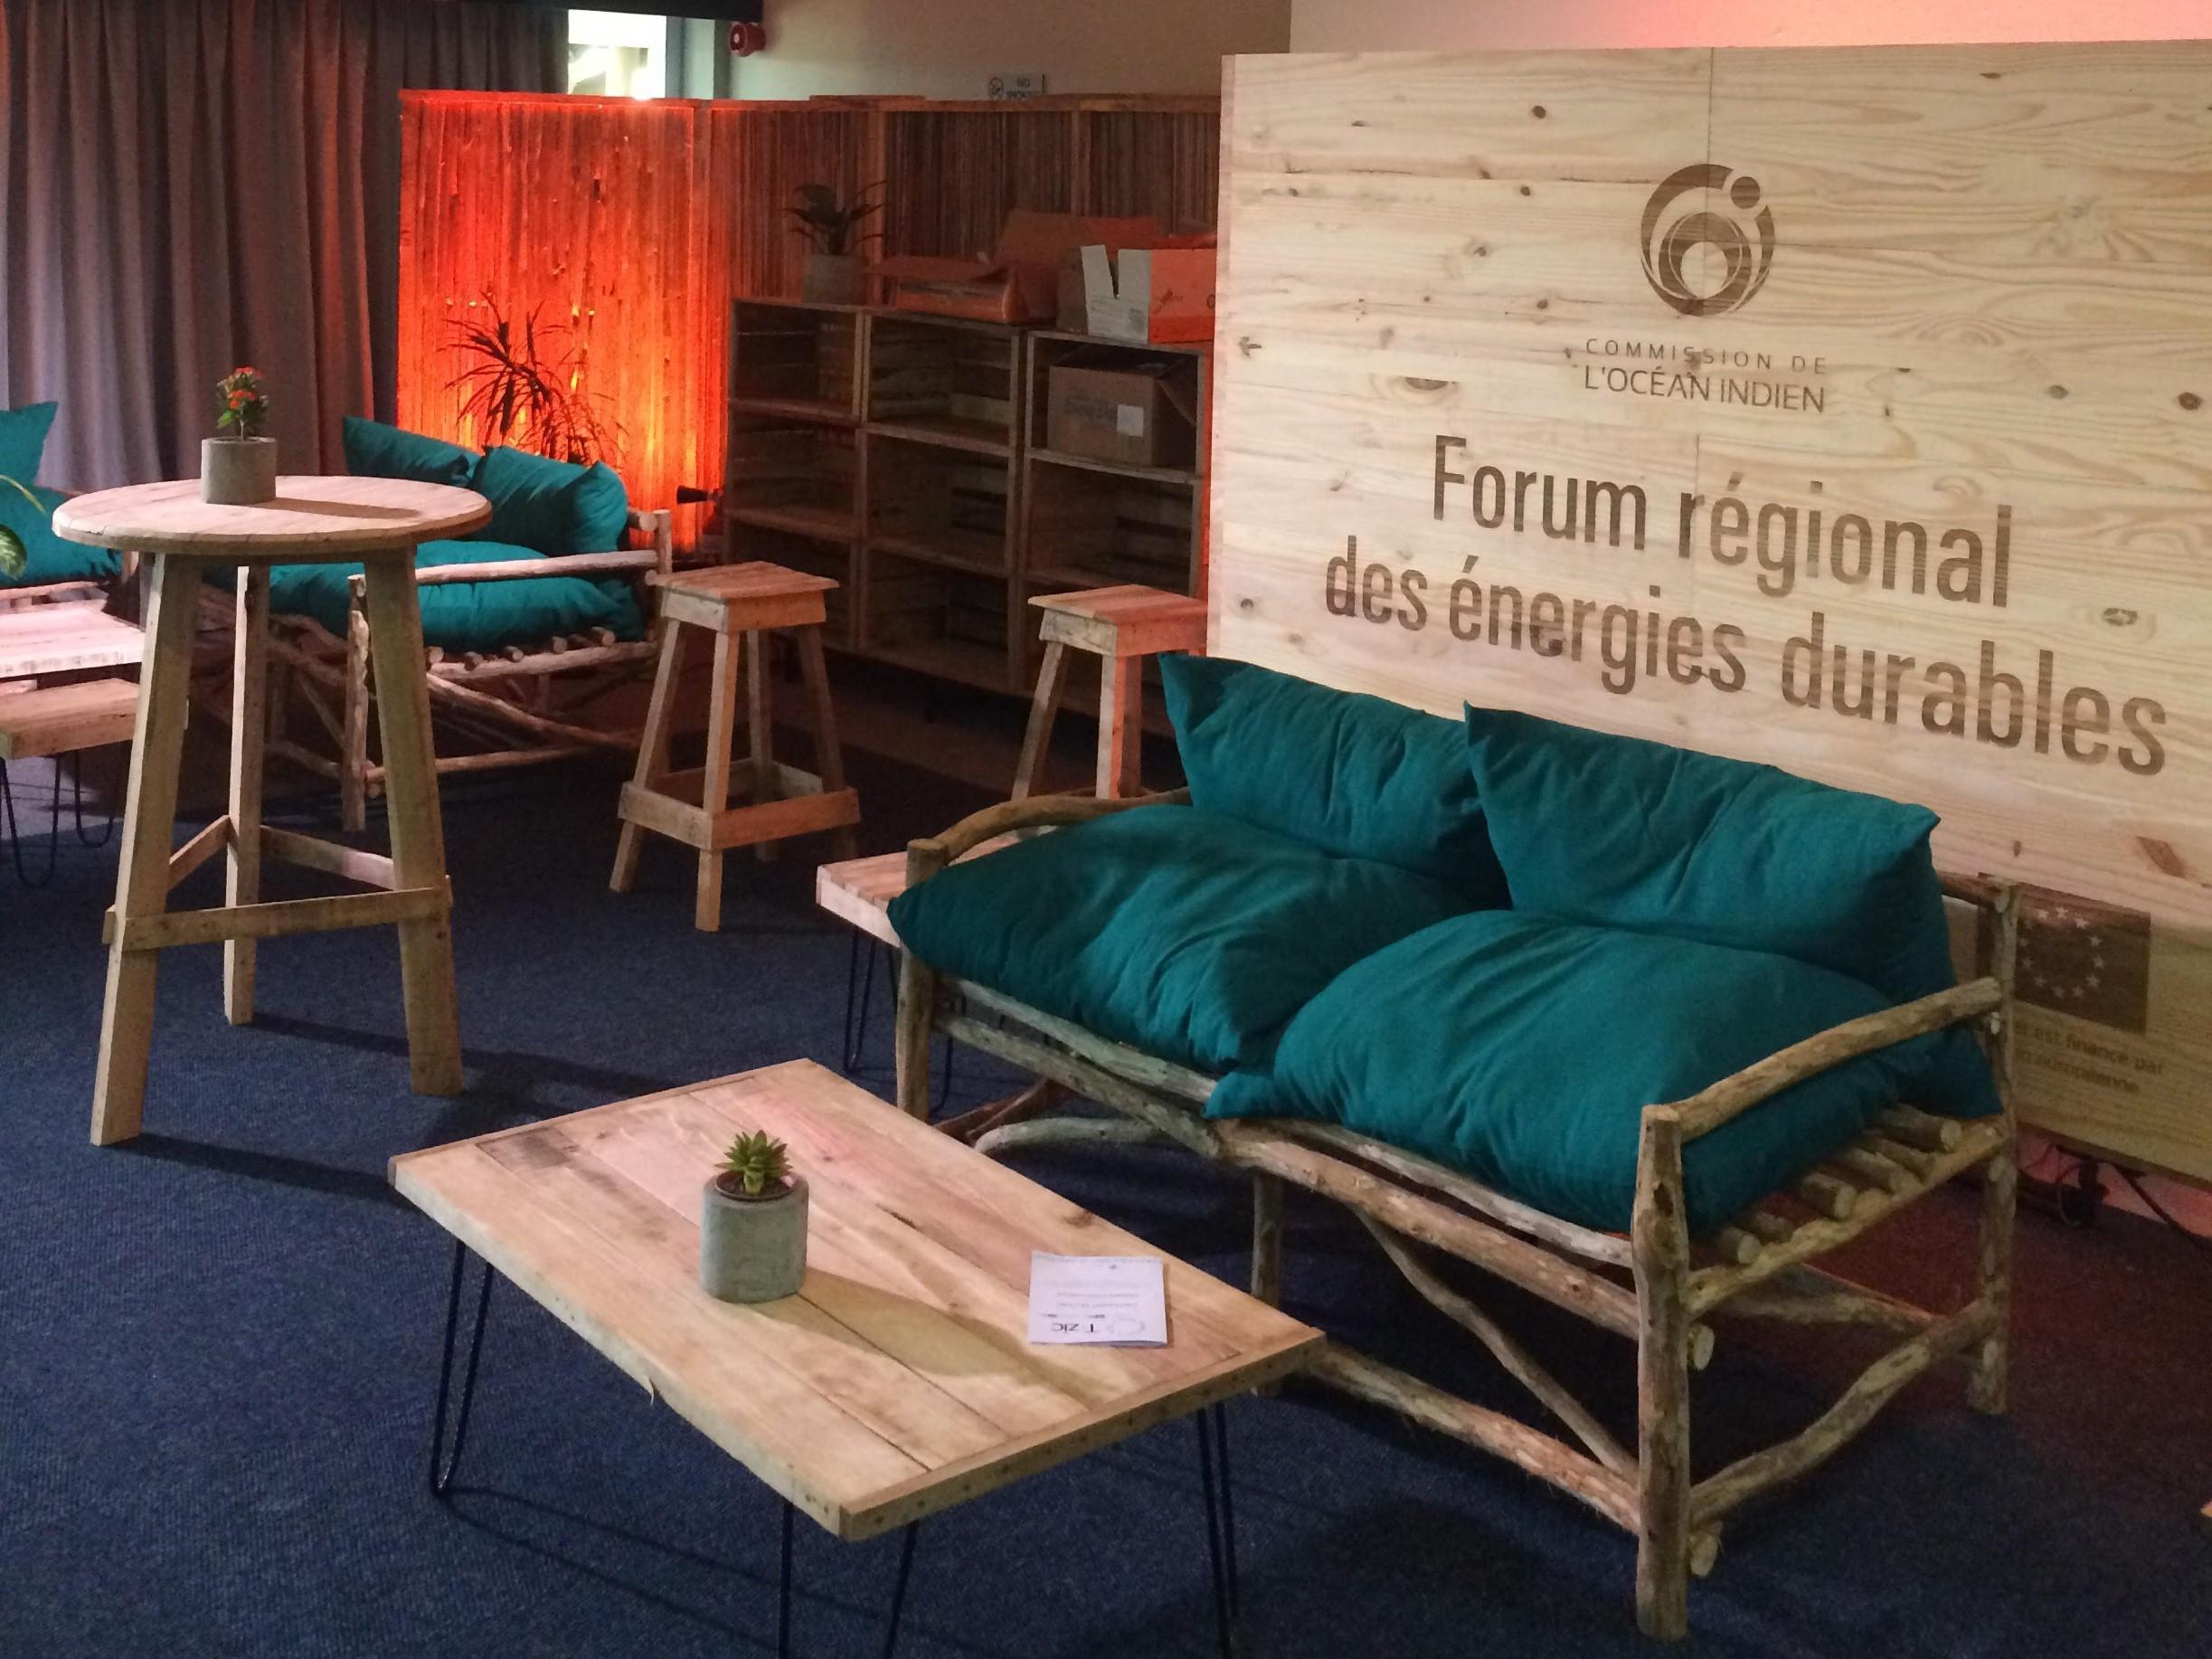 Forum régional des énergies durables